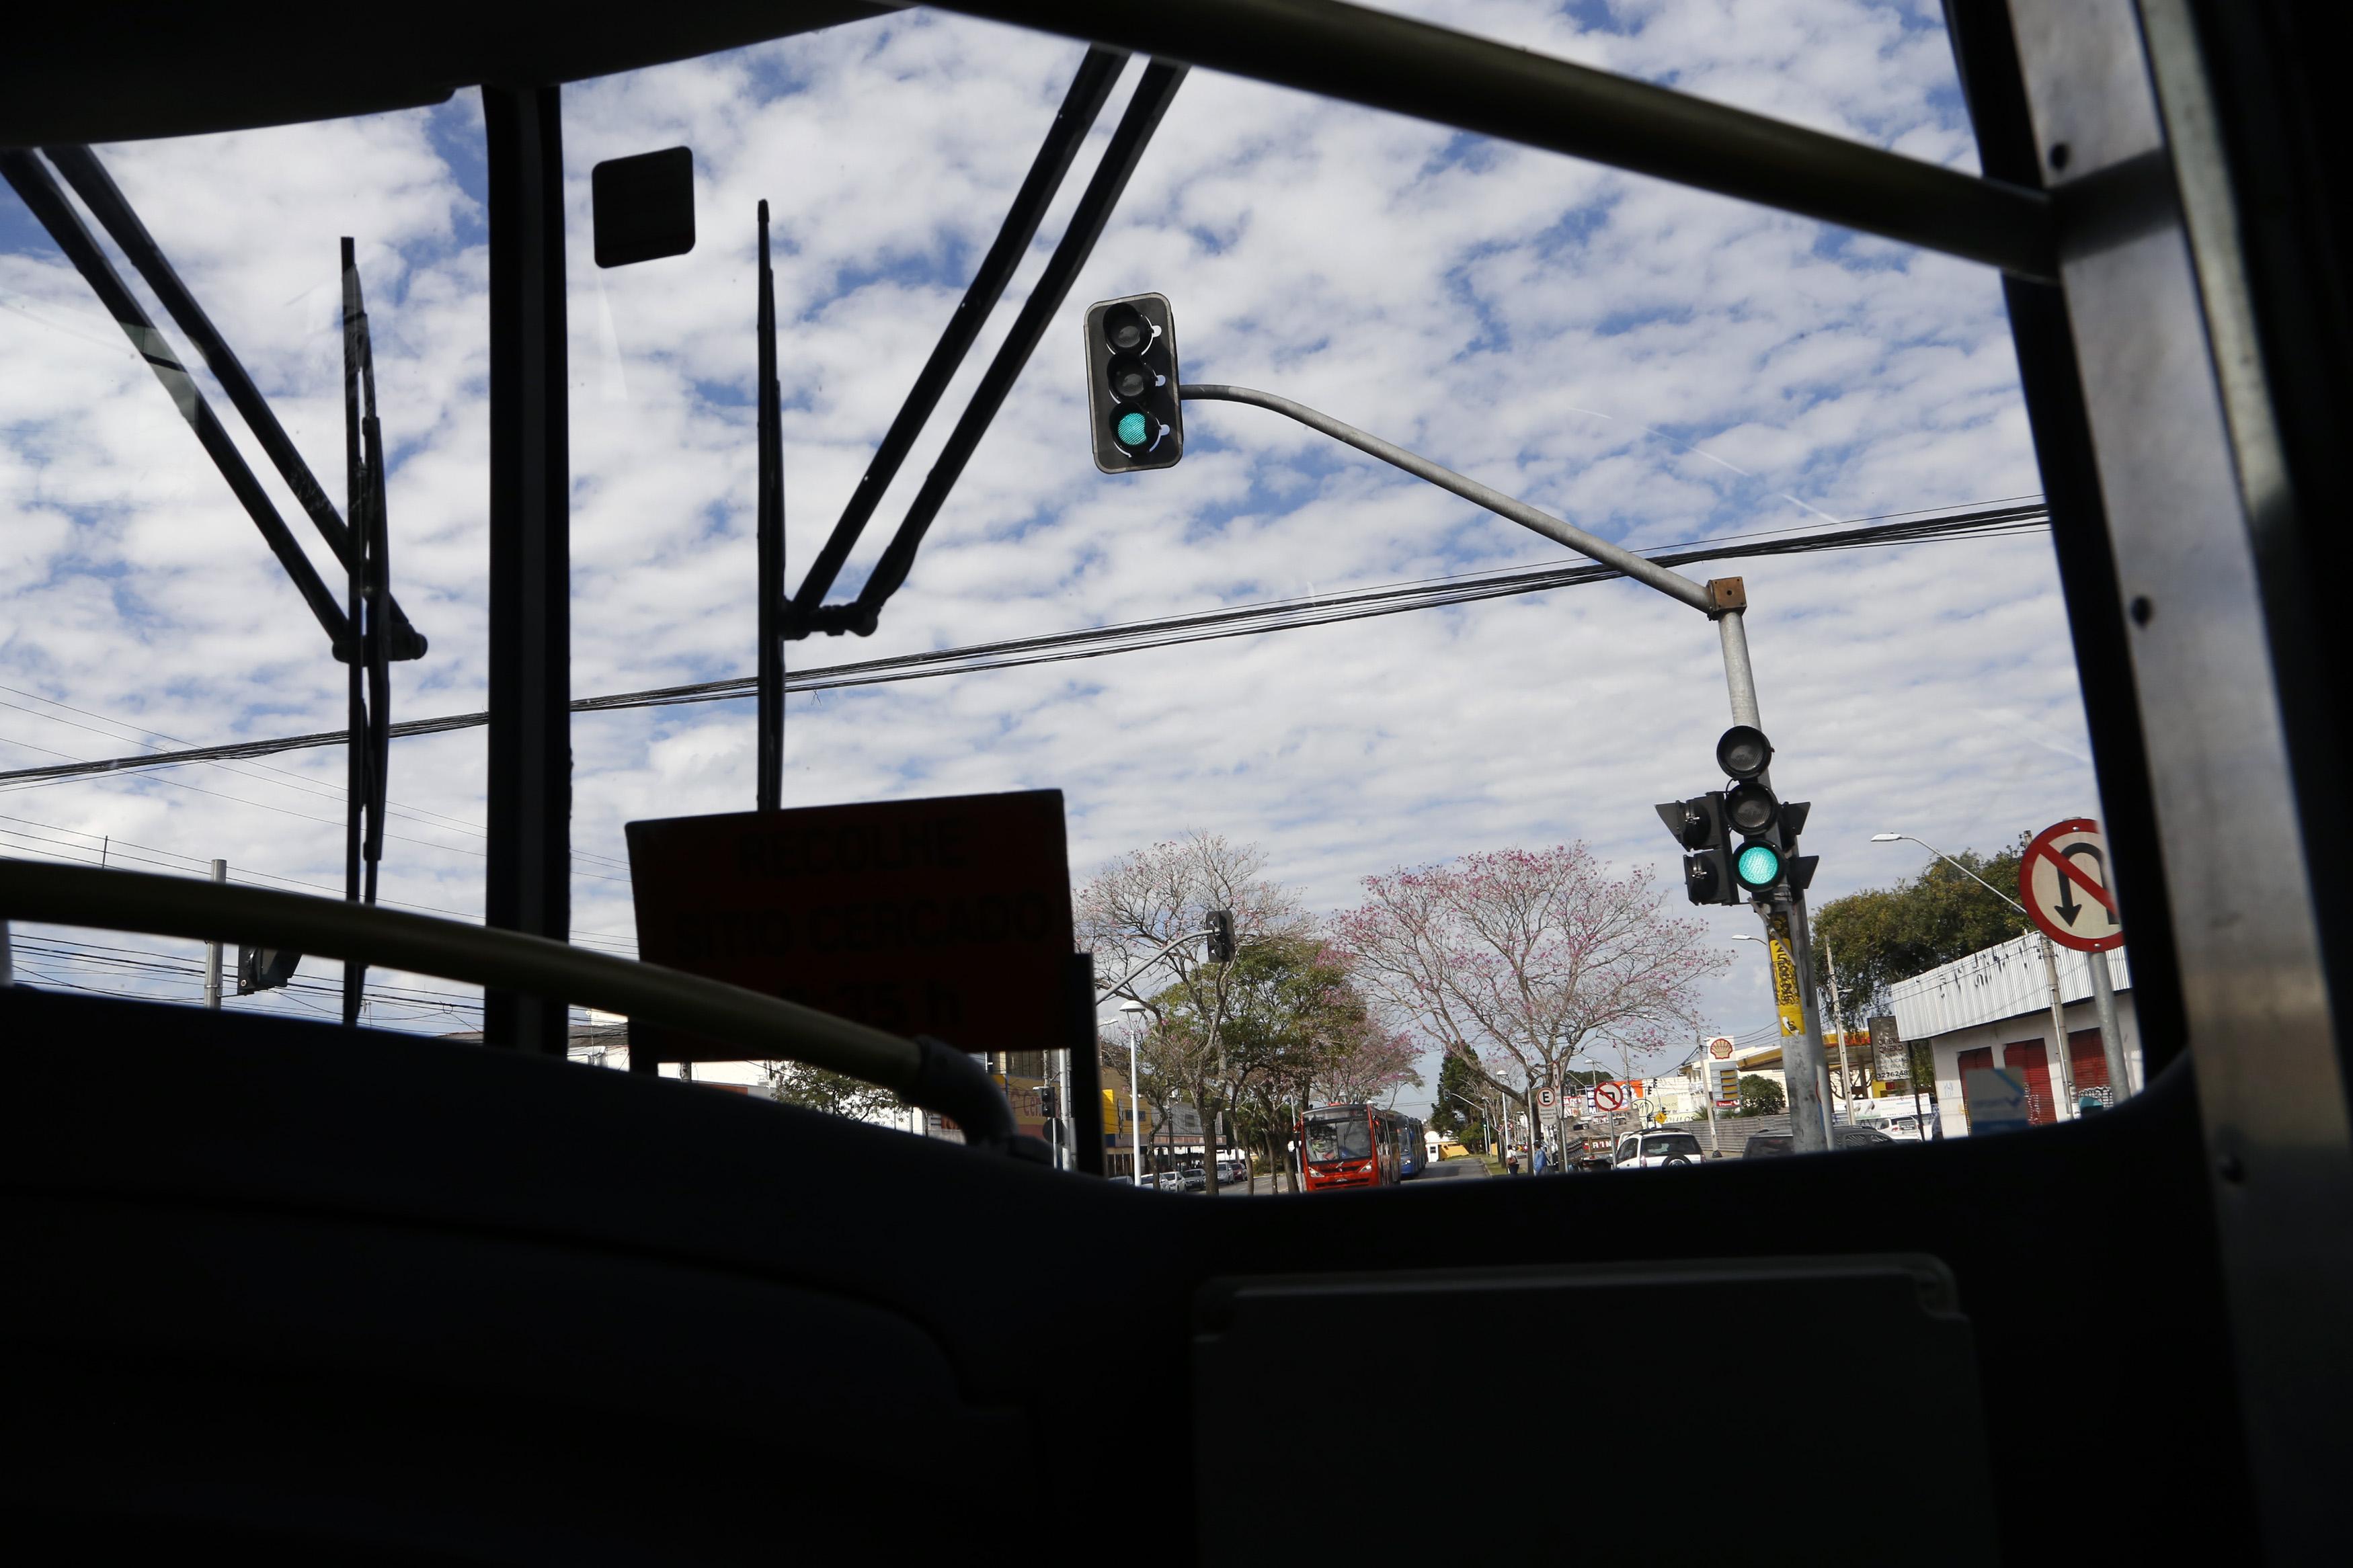 Os quase 600 mil passageiros que diariamente utilizam as oito linhas de biarticulados são beneficiados pela prioridade que os ônibus têm nos semáforos. Curitiba, 10/06/2015 Foto: Luiz Costa/SMCS